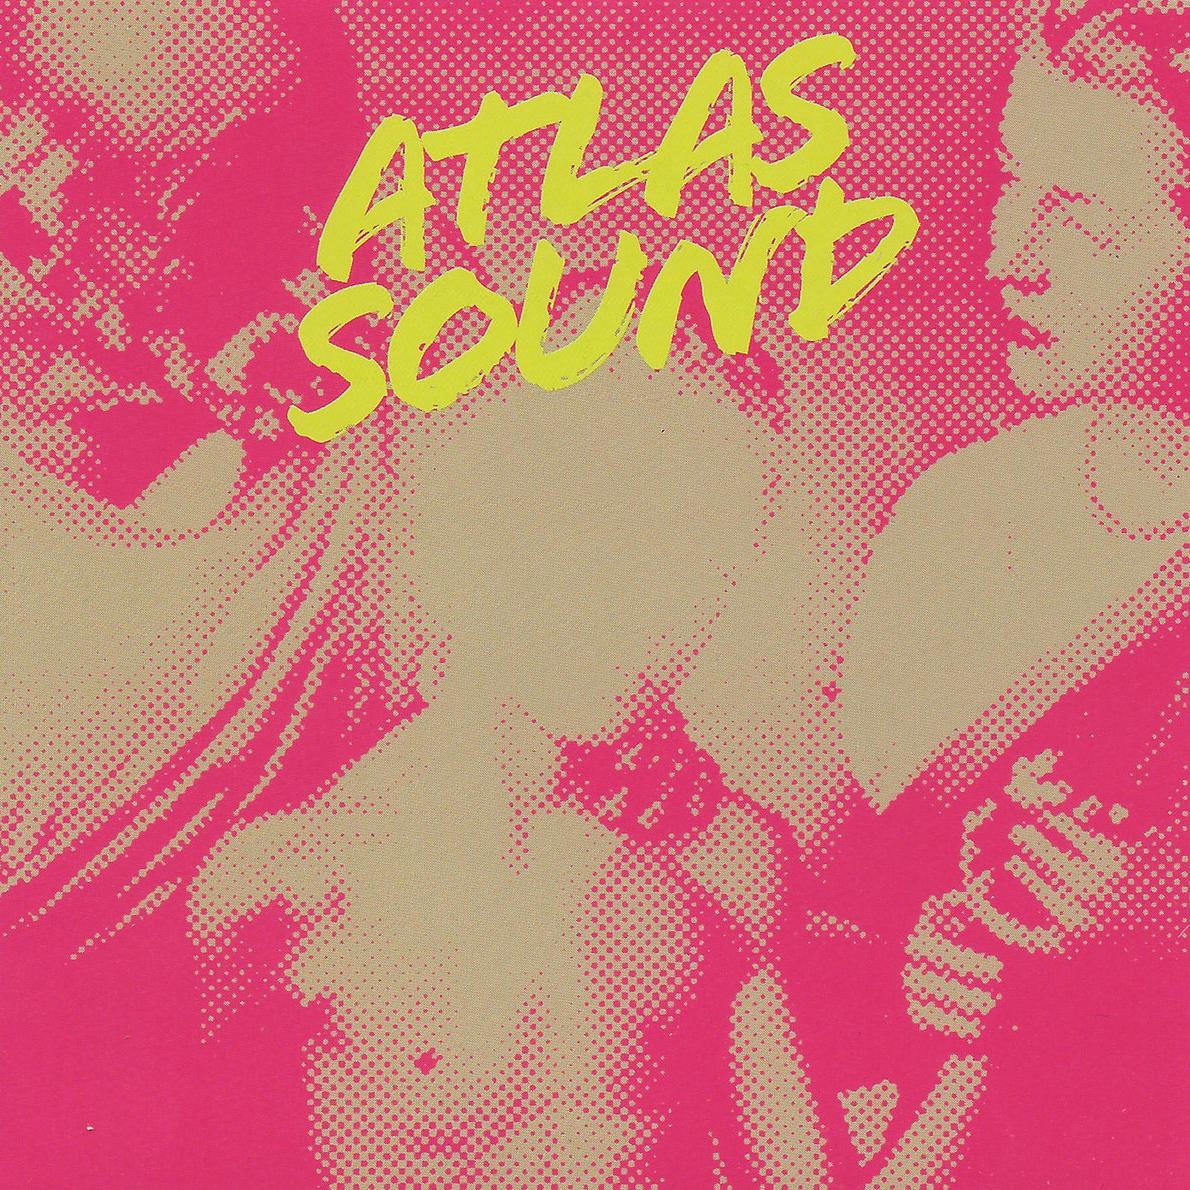 atlas-sound-let-the-blind.png